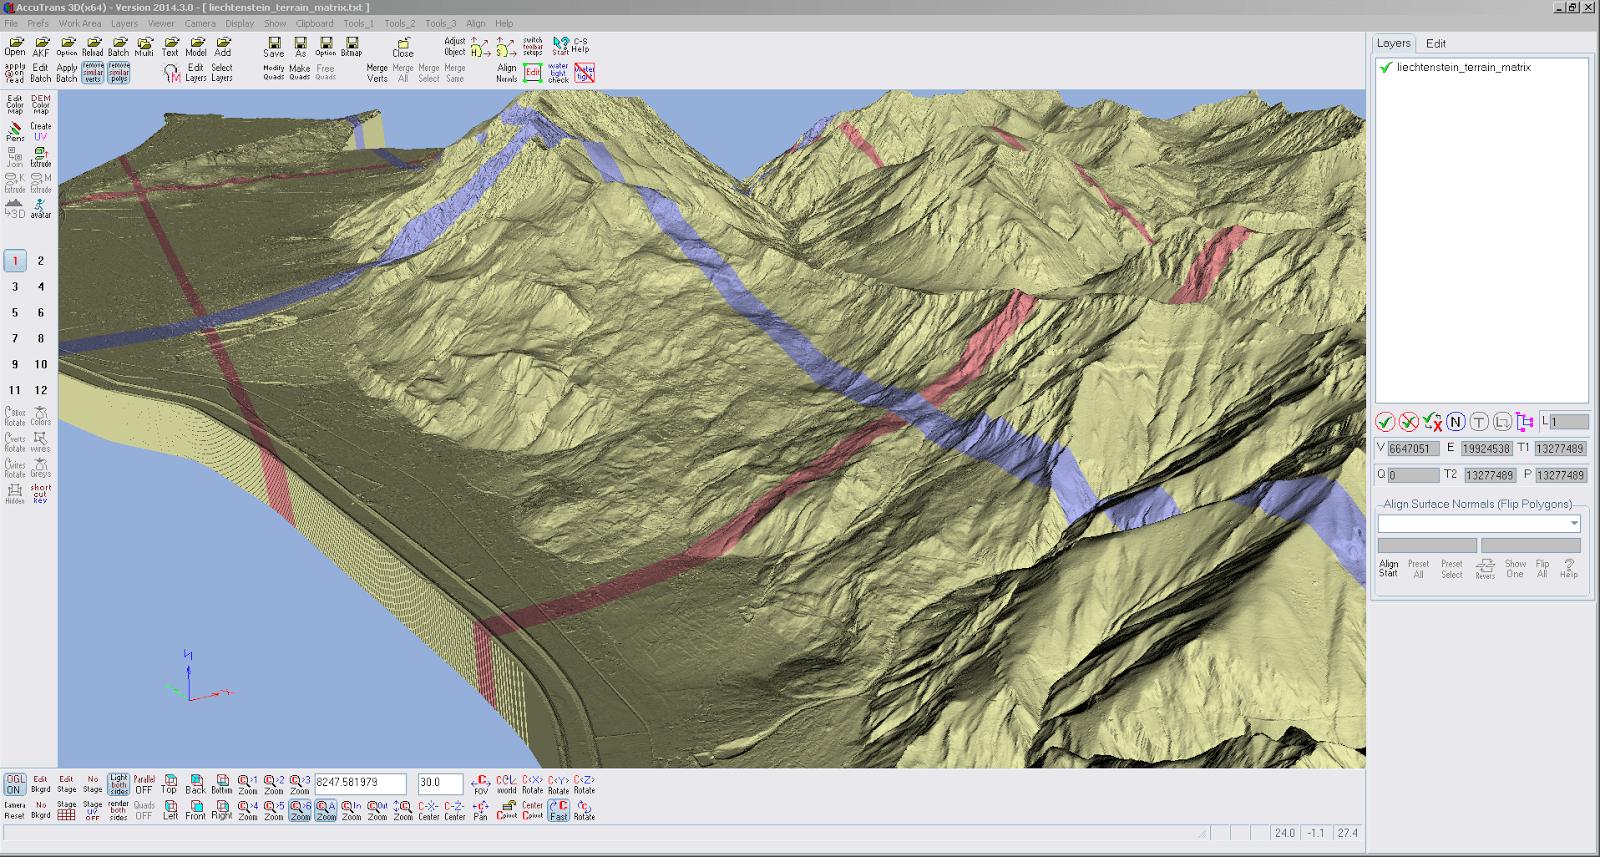 Screenshot eines vergrösserten Ausschnitts der swissALTI3D Daten von Liechtenstein aus AccuTrans 3D